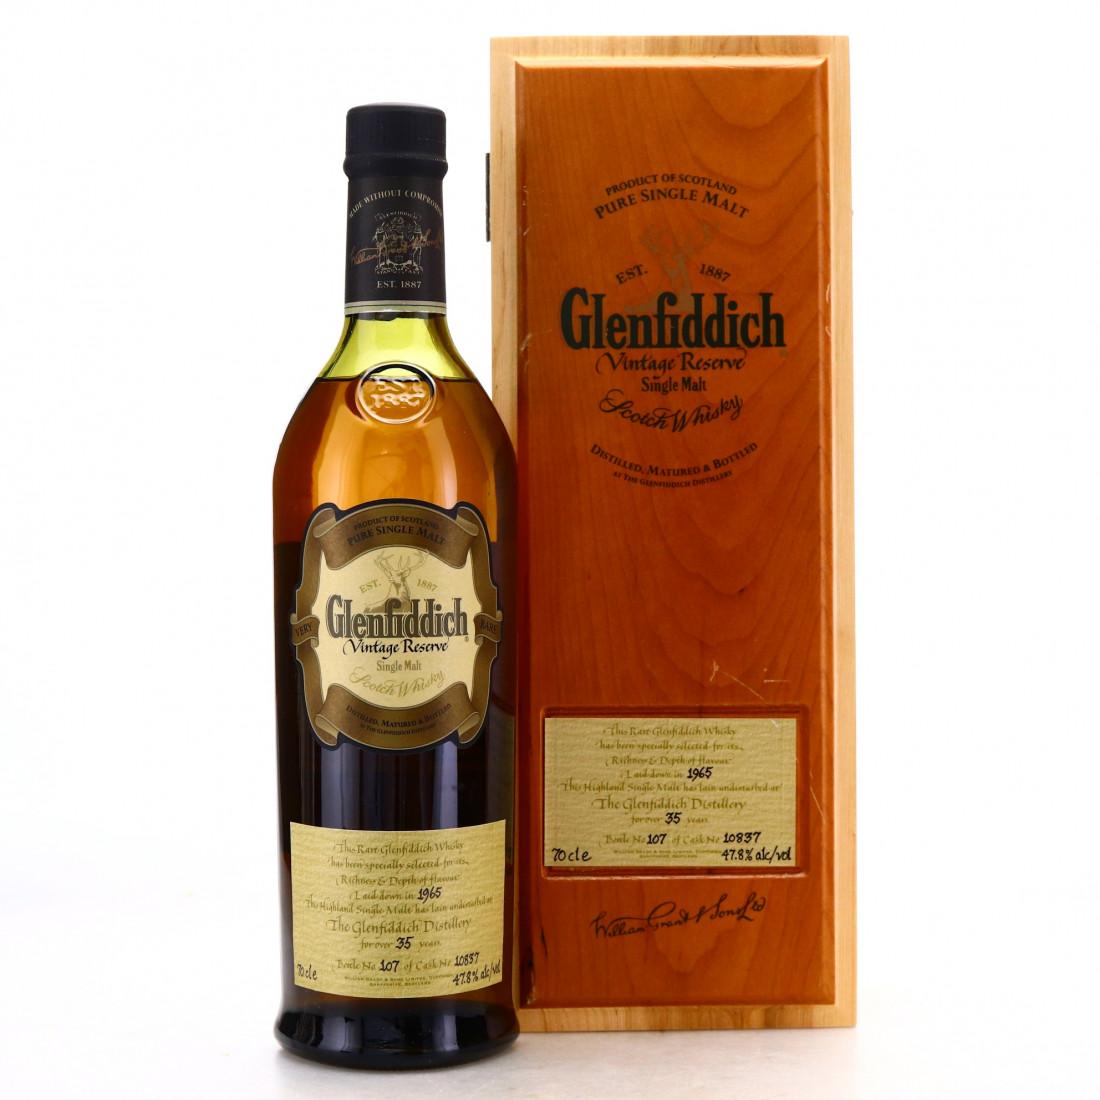 Glenfiddich 1965 Vintage Reserve 35 Year Old #10837